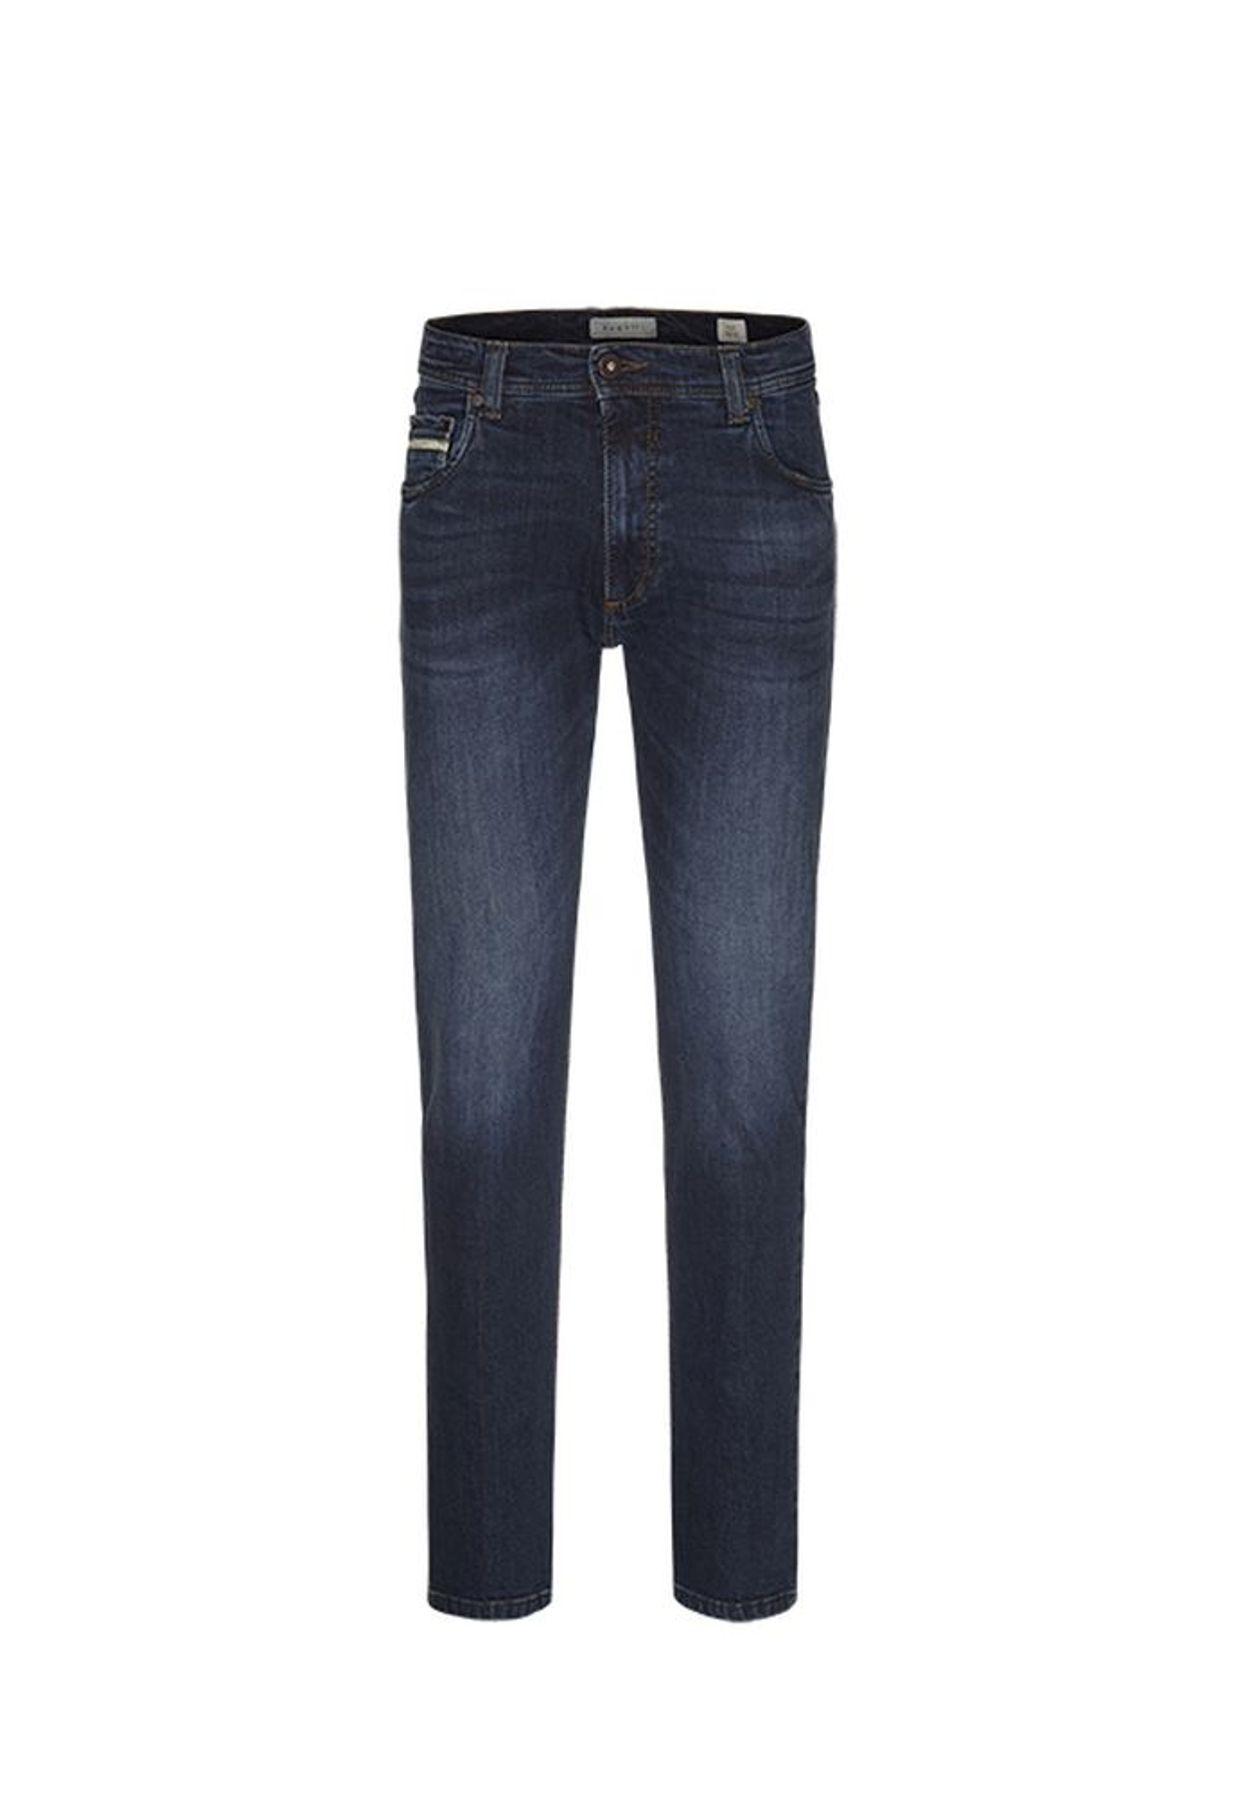 Bugatti - Herren Jeans in verschiedenen Farben (Art. Nr.: 26612-3919D) – Bild 2